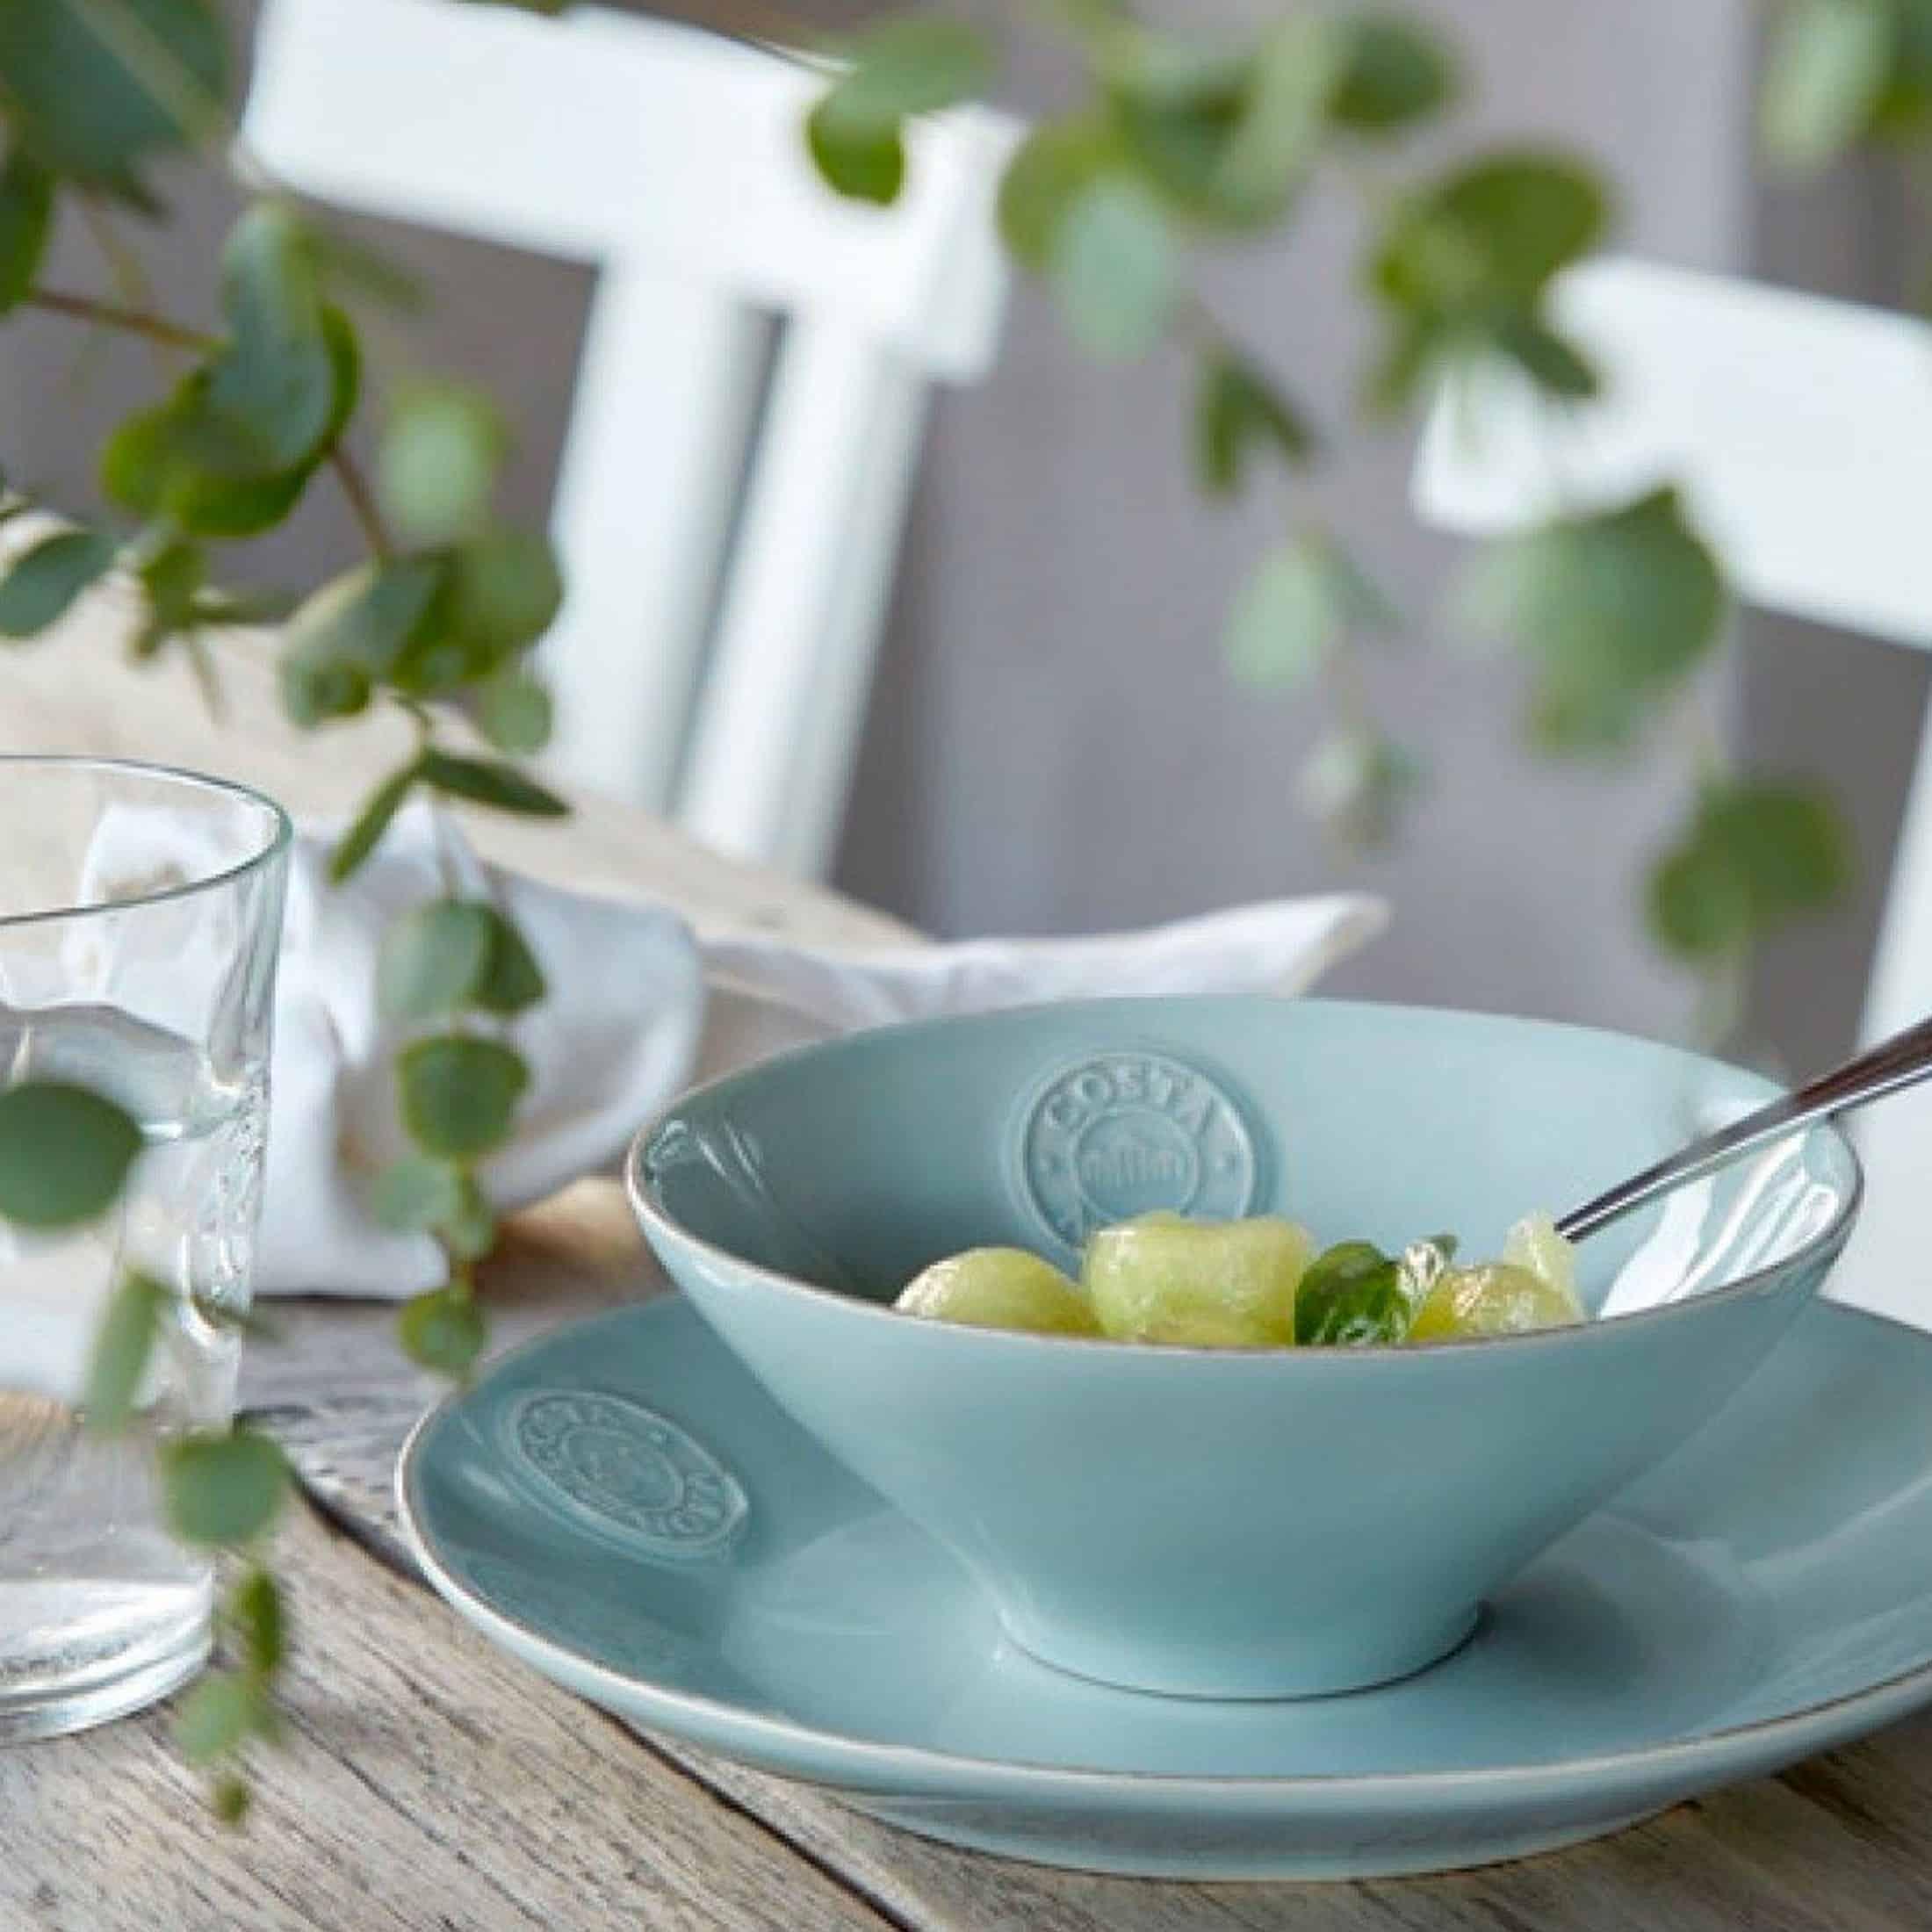 Kuchenteller aus Steingut für Salat, das Müsli, Suppe oder Snacks. Robustes Material, pflegeleicht und für Spülmaschine und Mikrowelle und Gefrierer geeignet.